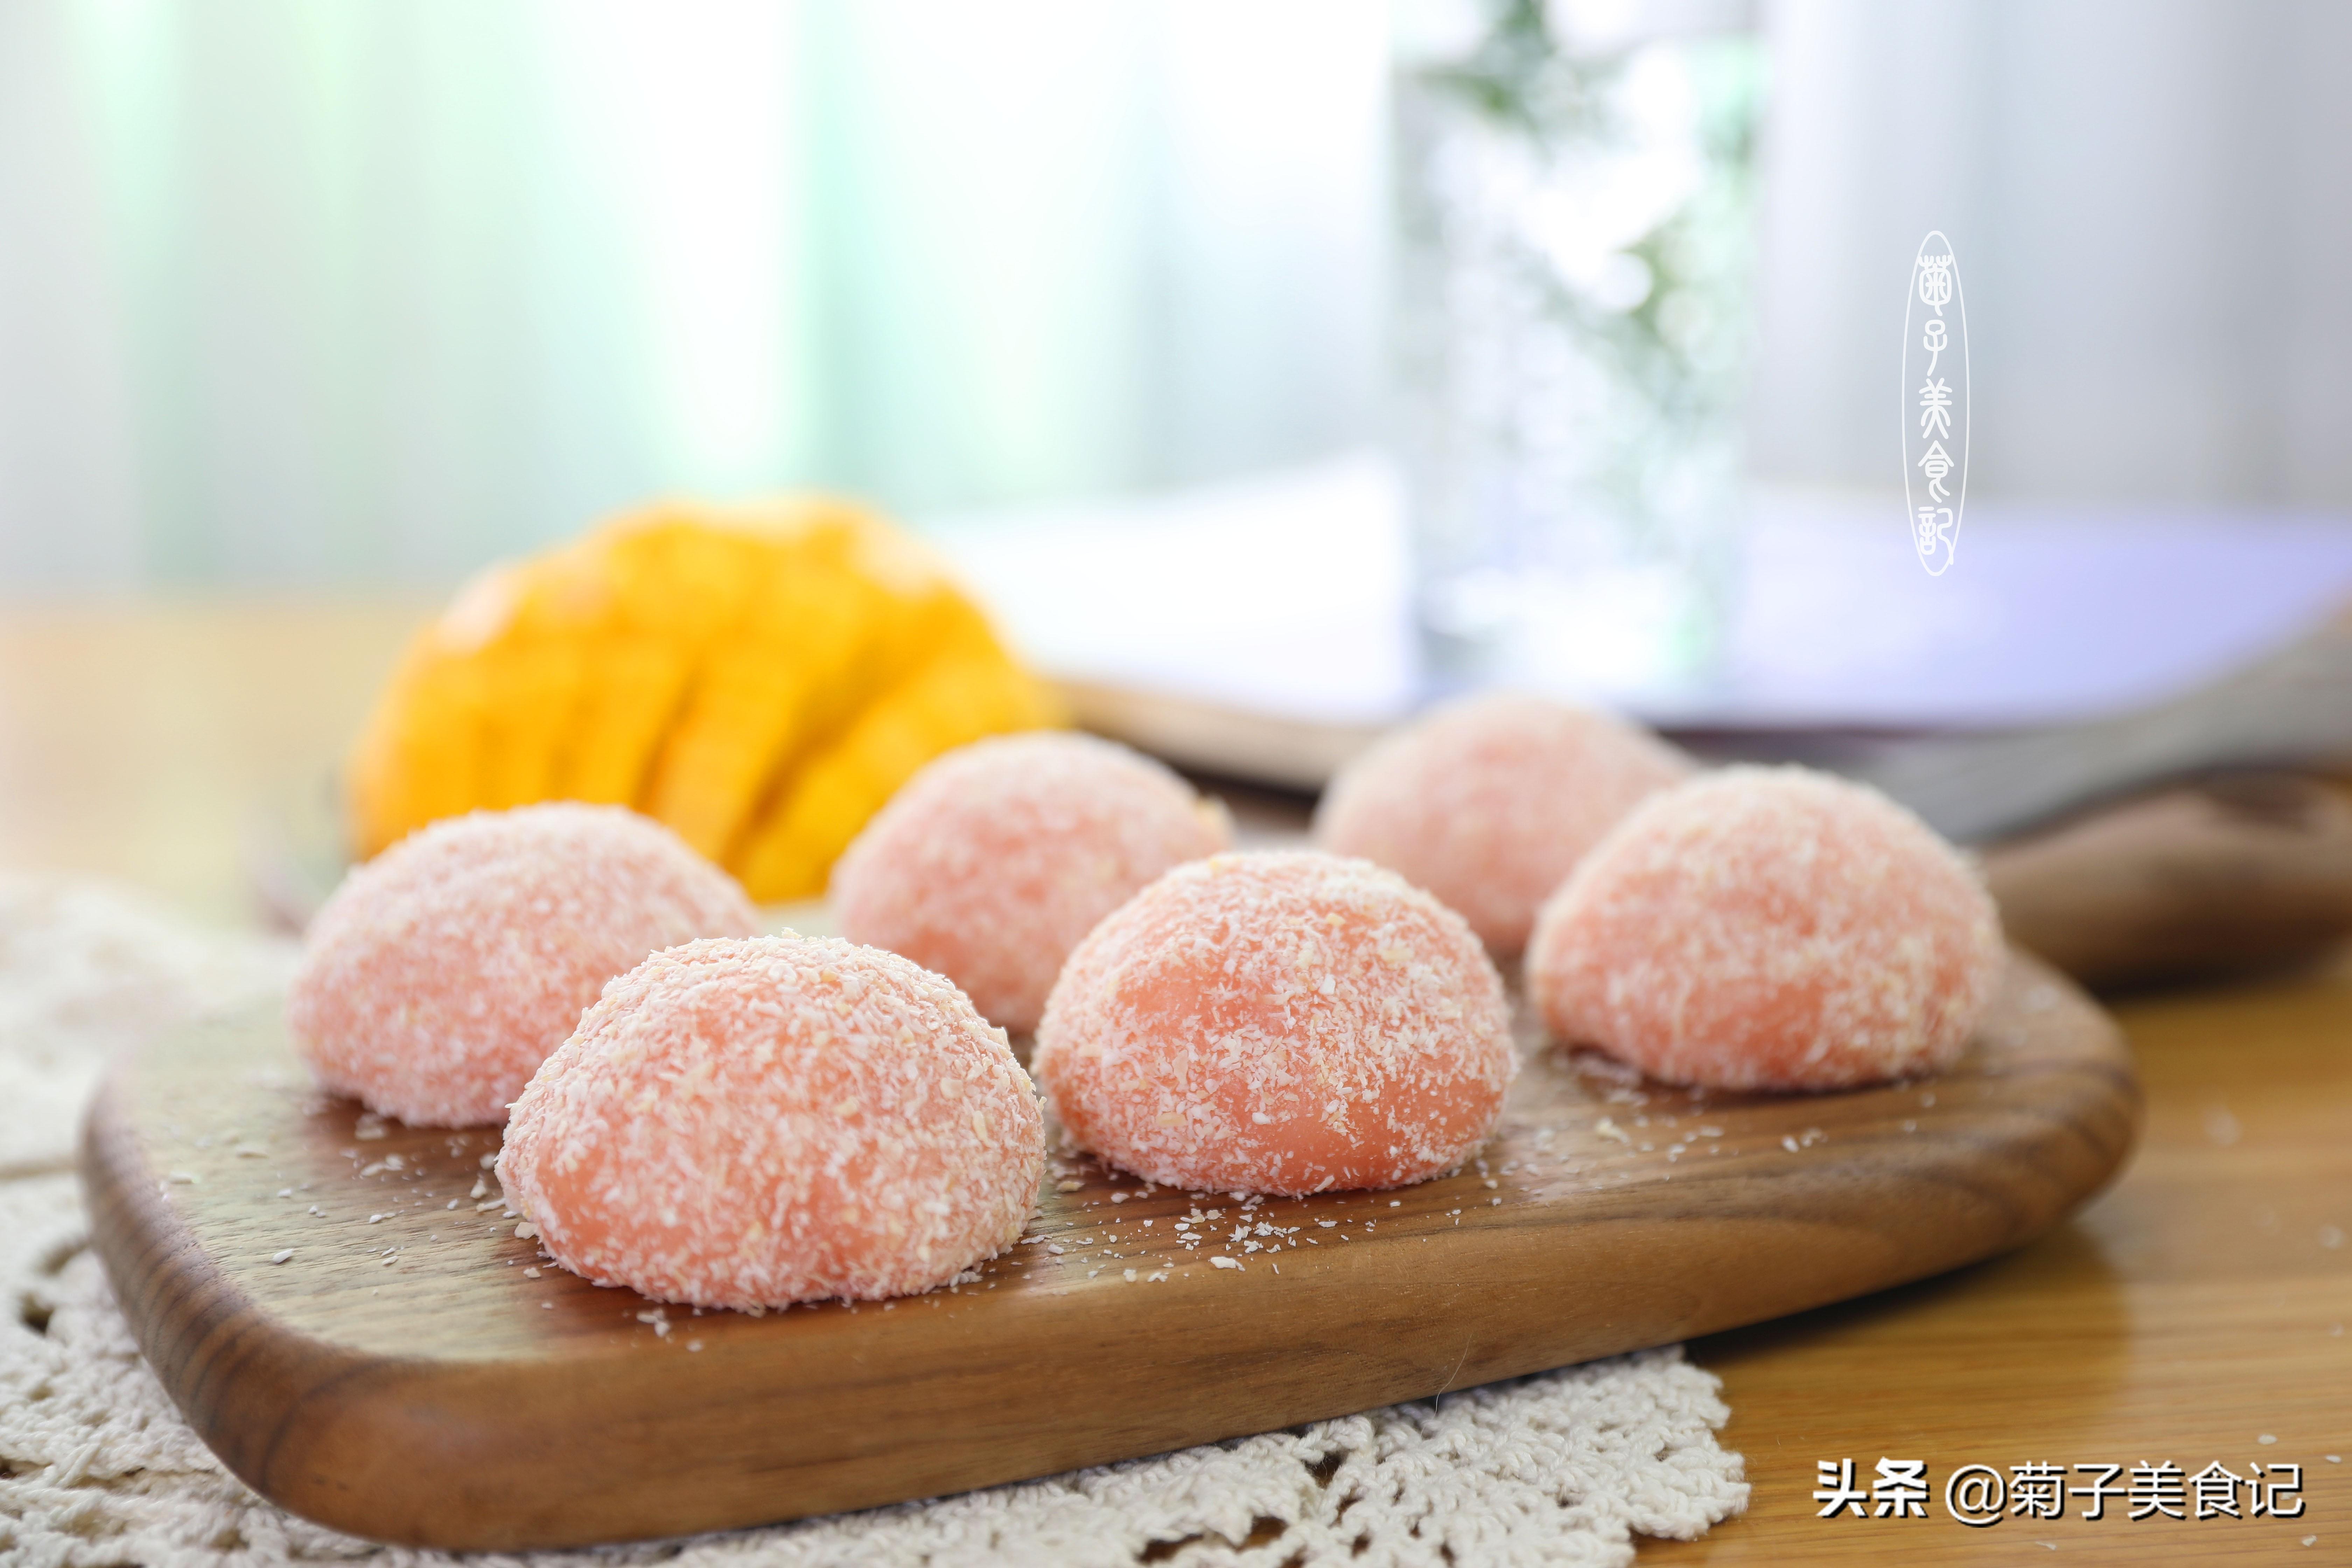 七夕節中國人通常吃什么(七夕節中國人吃什么傳統食物)